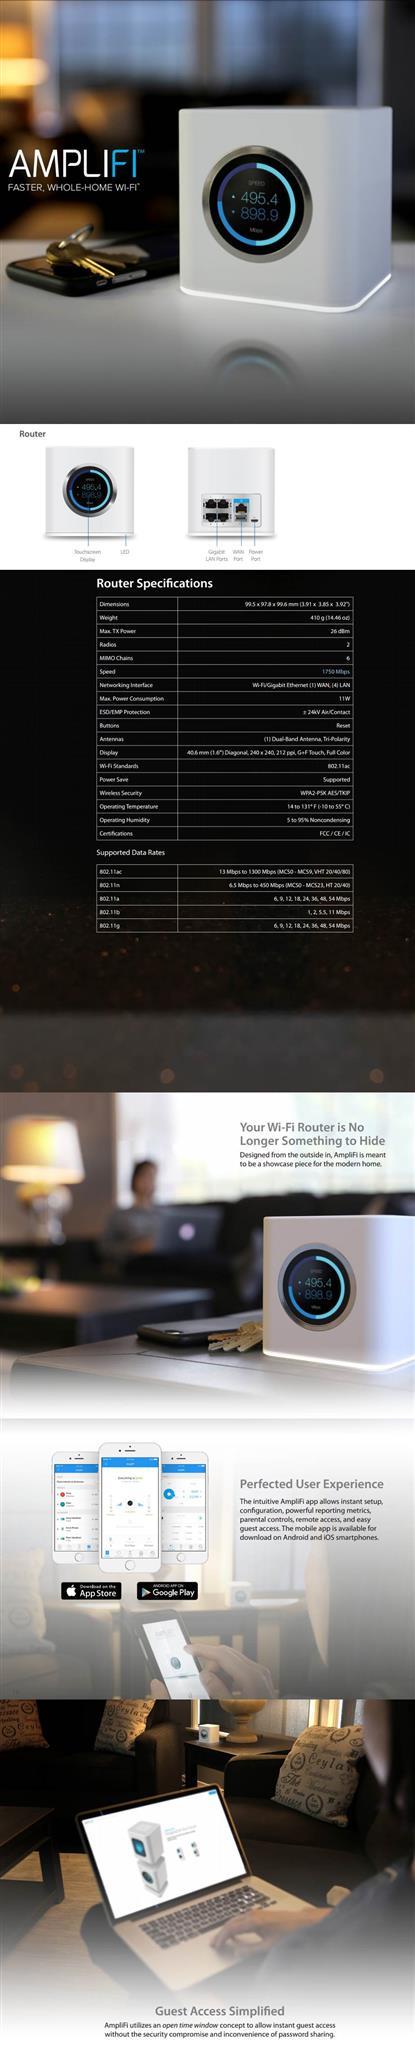 Ubiquiti 3 Router AFI-R-3-AU AMPLIFI High Density HD Home Wi-Fi Router Mesh Bund